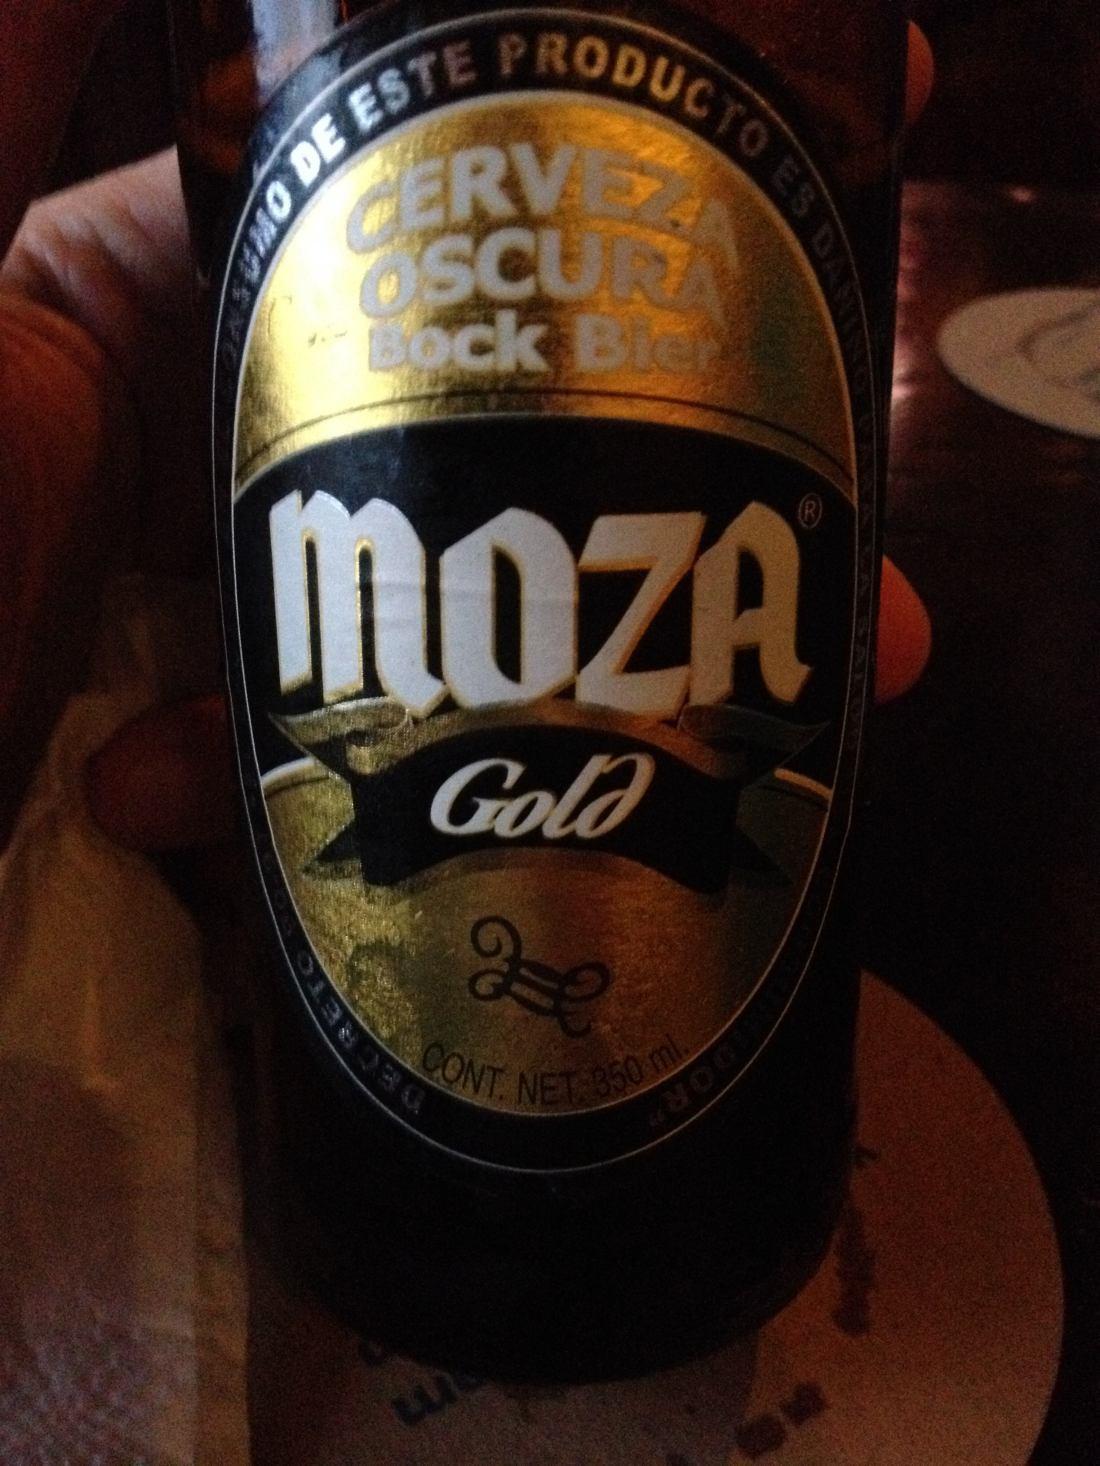 Moza Gold, a Guatemalan beer, at Frida's